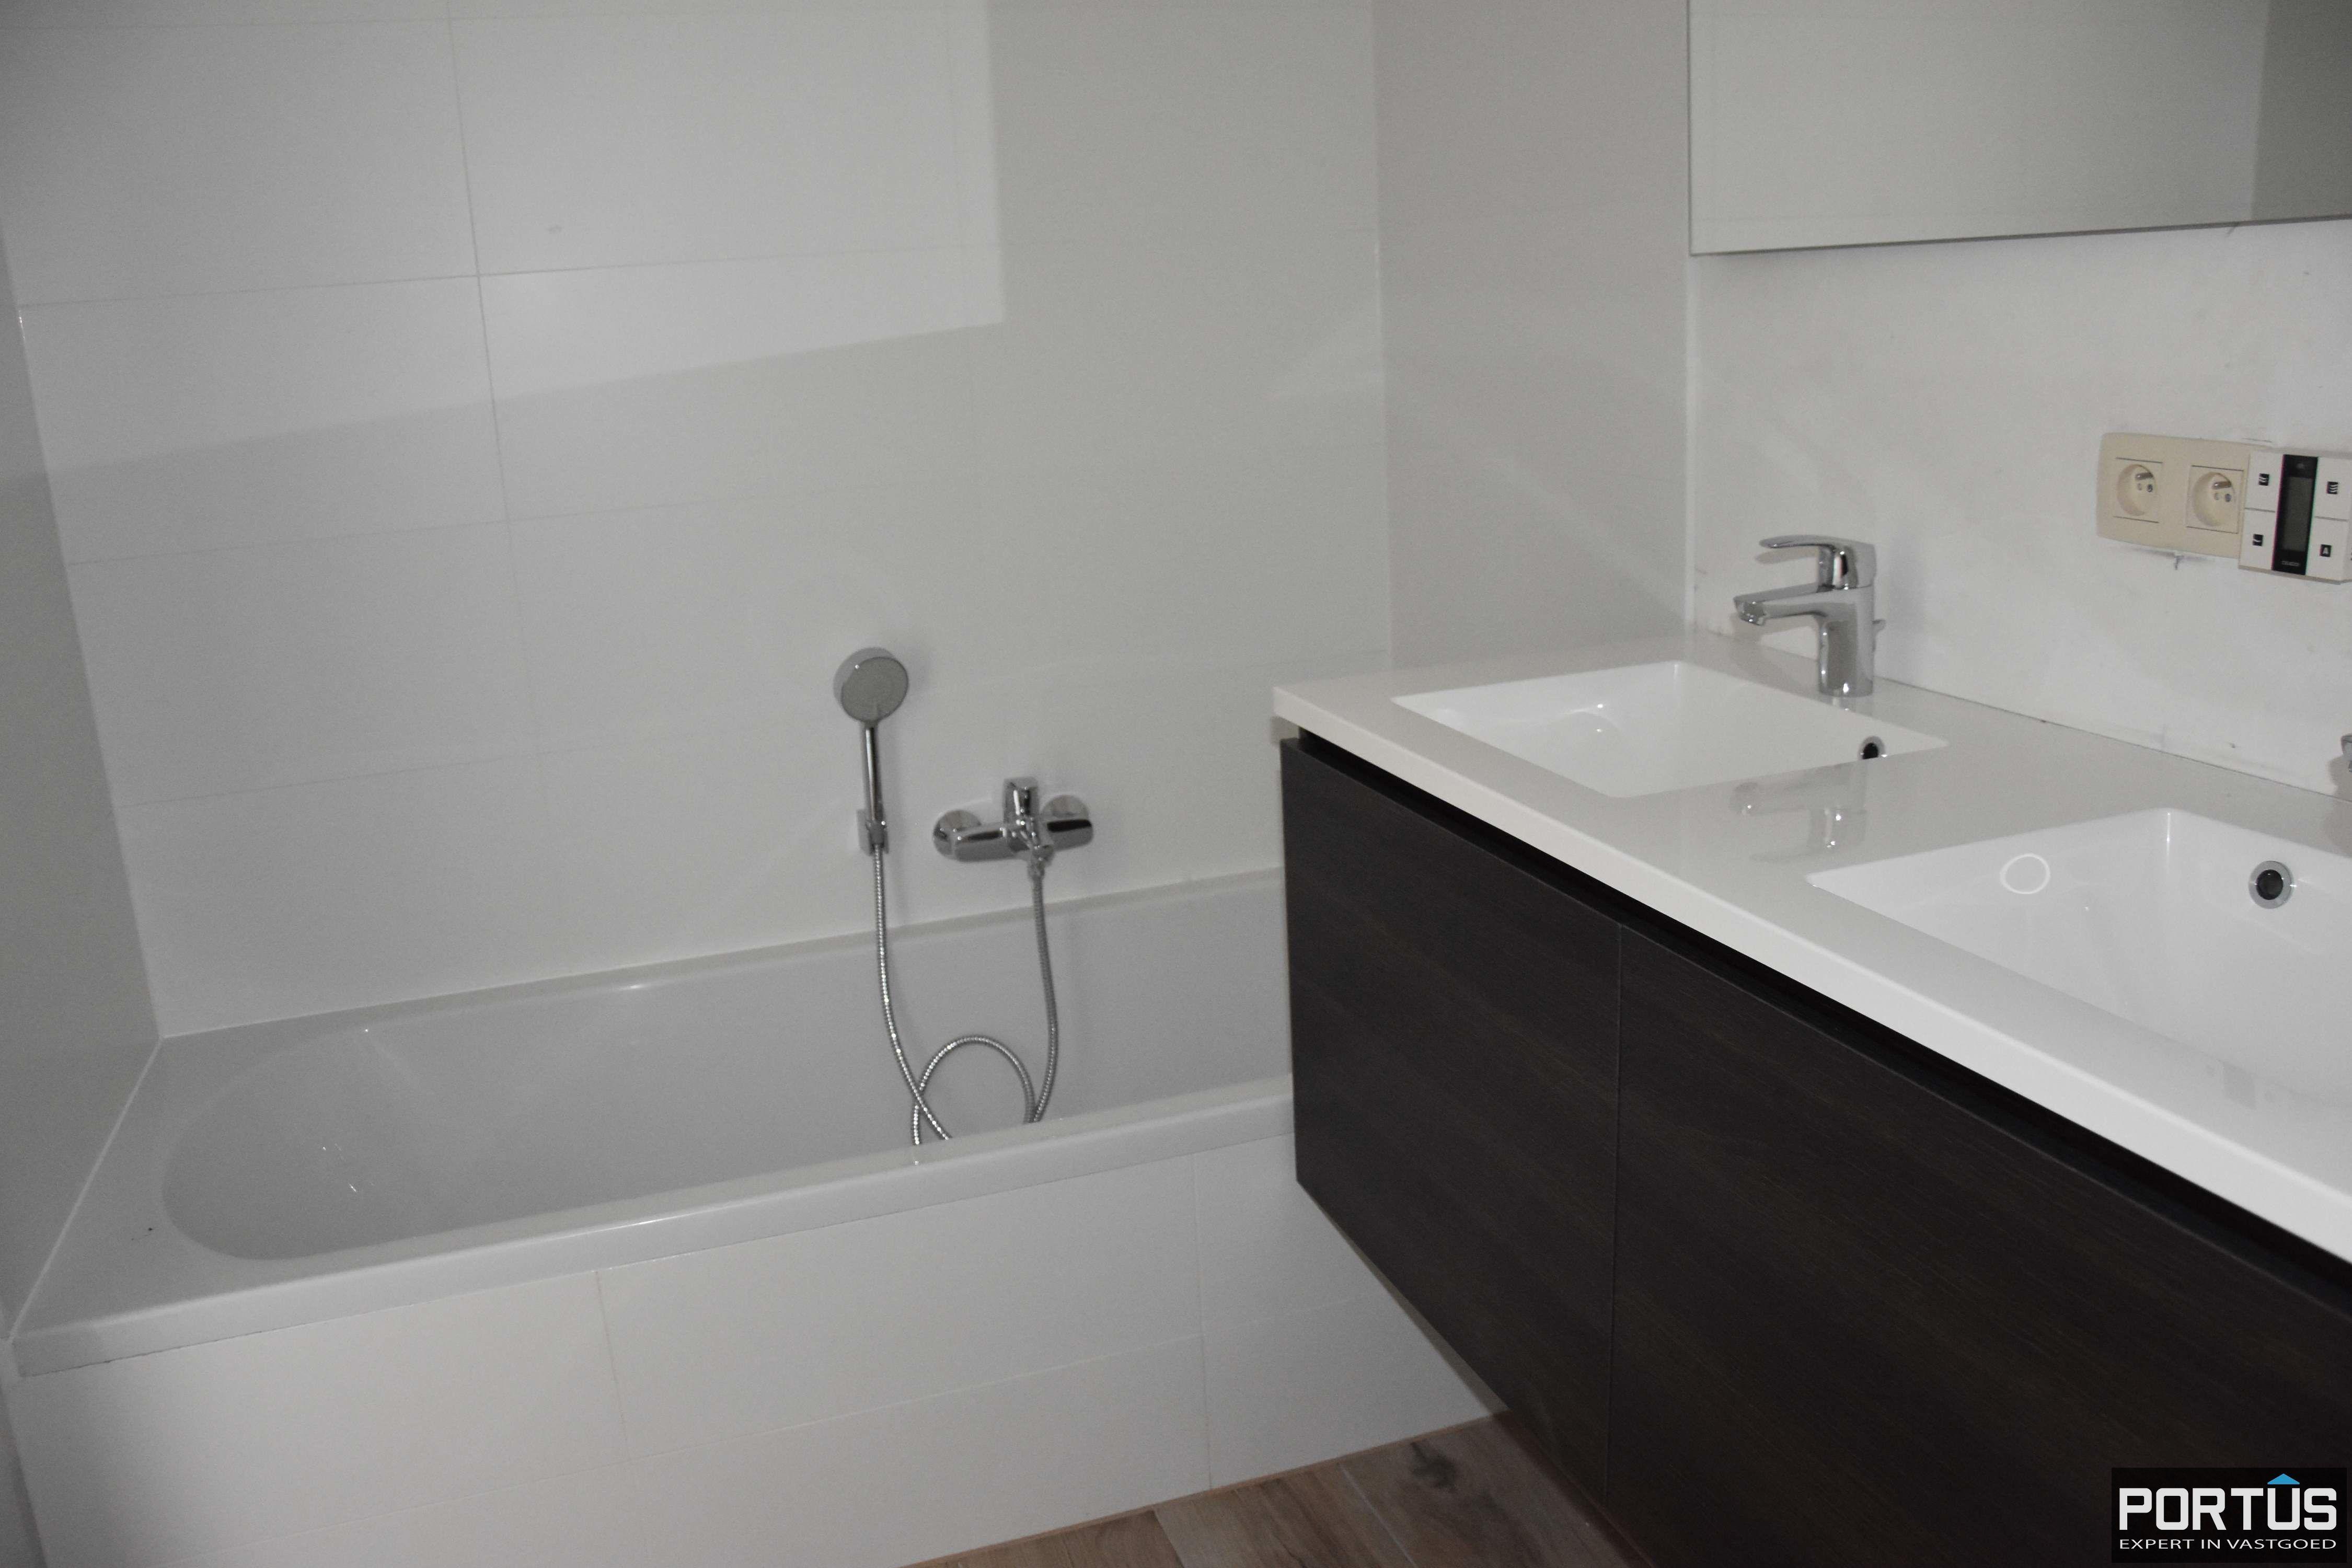 Appartement te koop met 3 slaapkamers, 2 badkamers en groot terras  - 9321